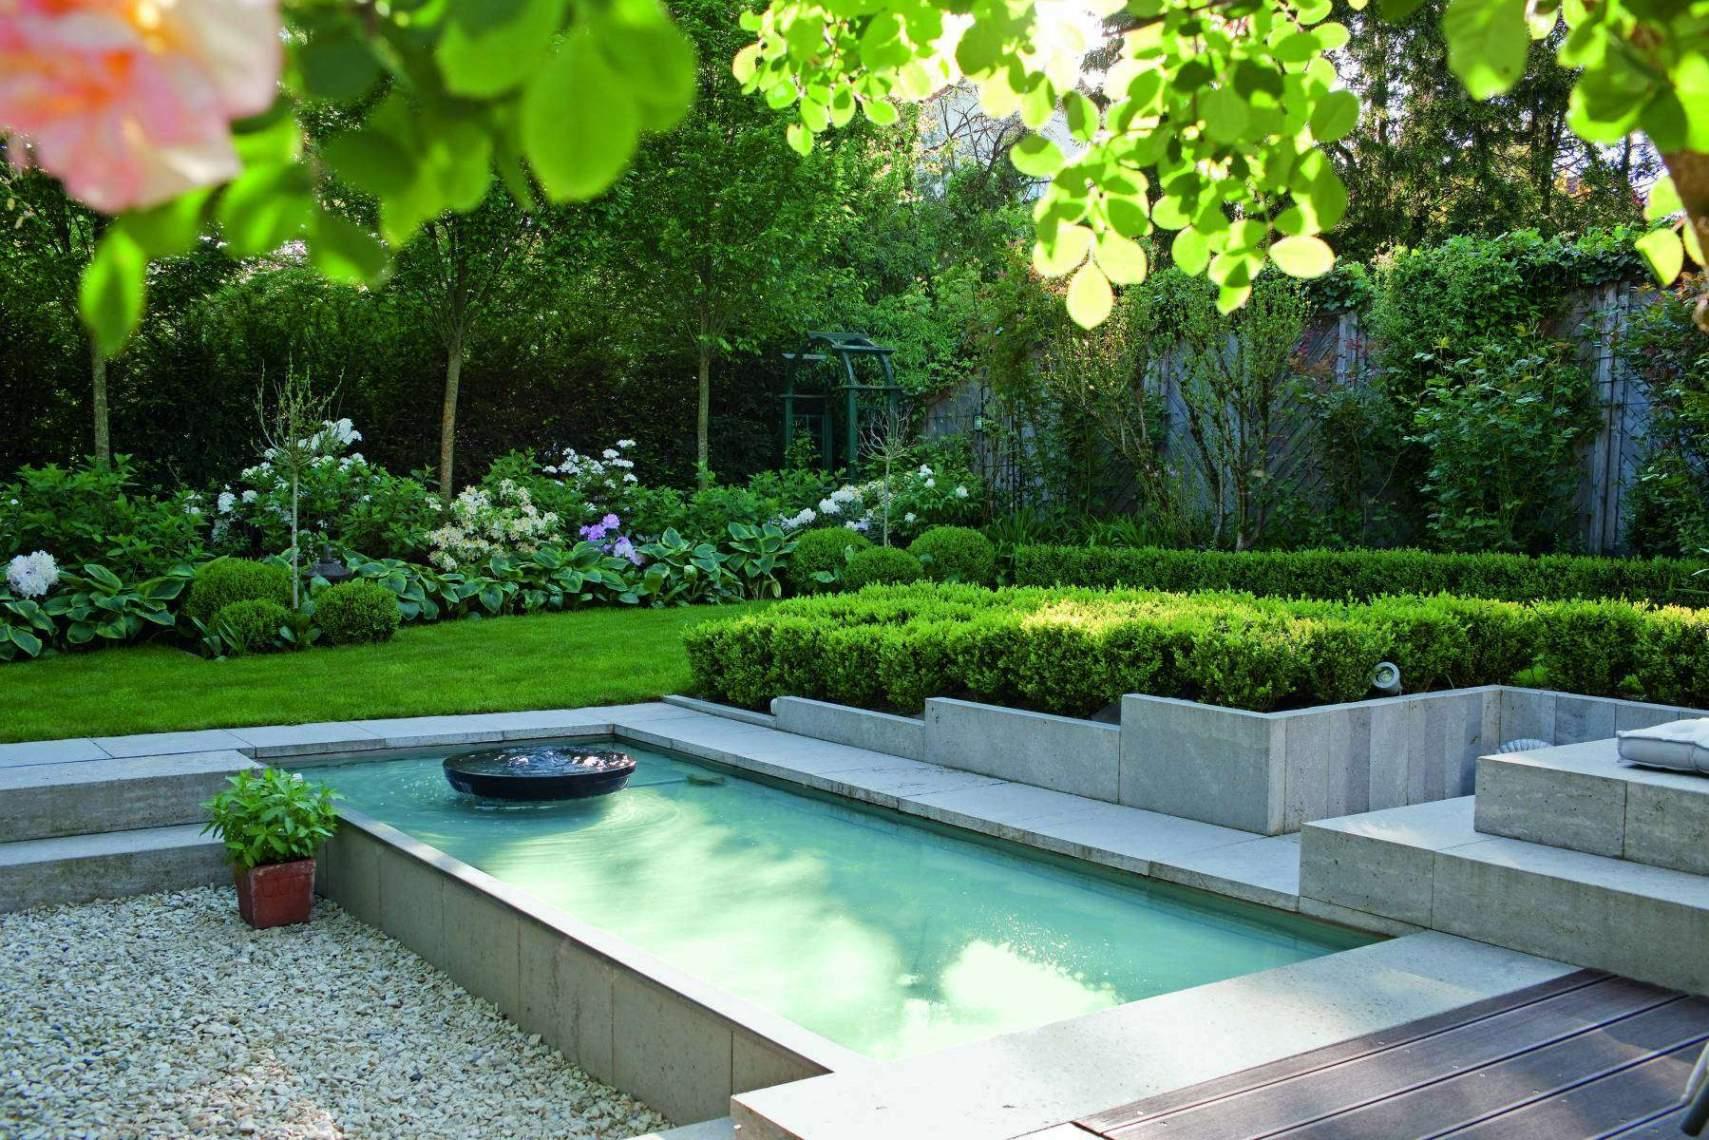 Ideen Für Gartengestaltung Frisch 38 Das Beste Von Schwimmingpool Für Garten Schön